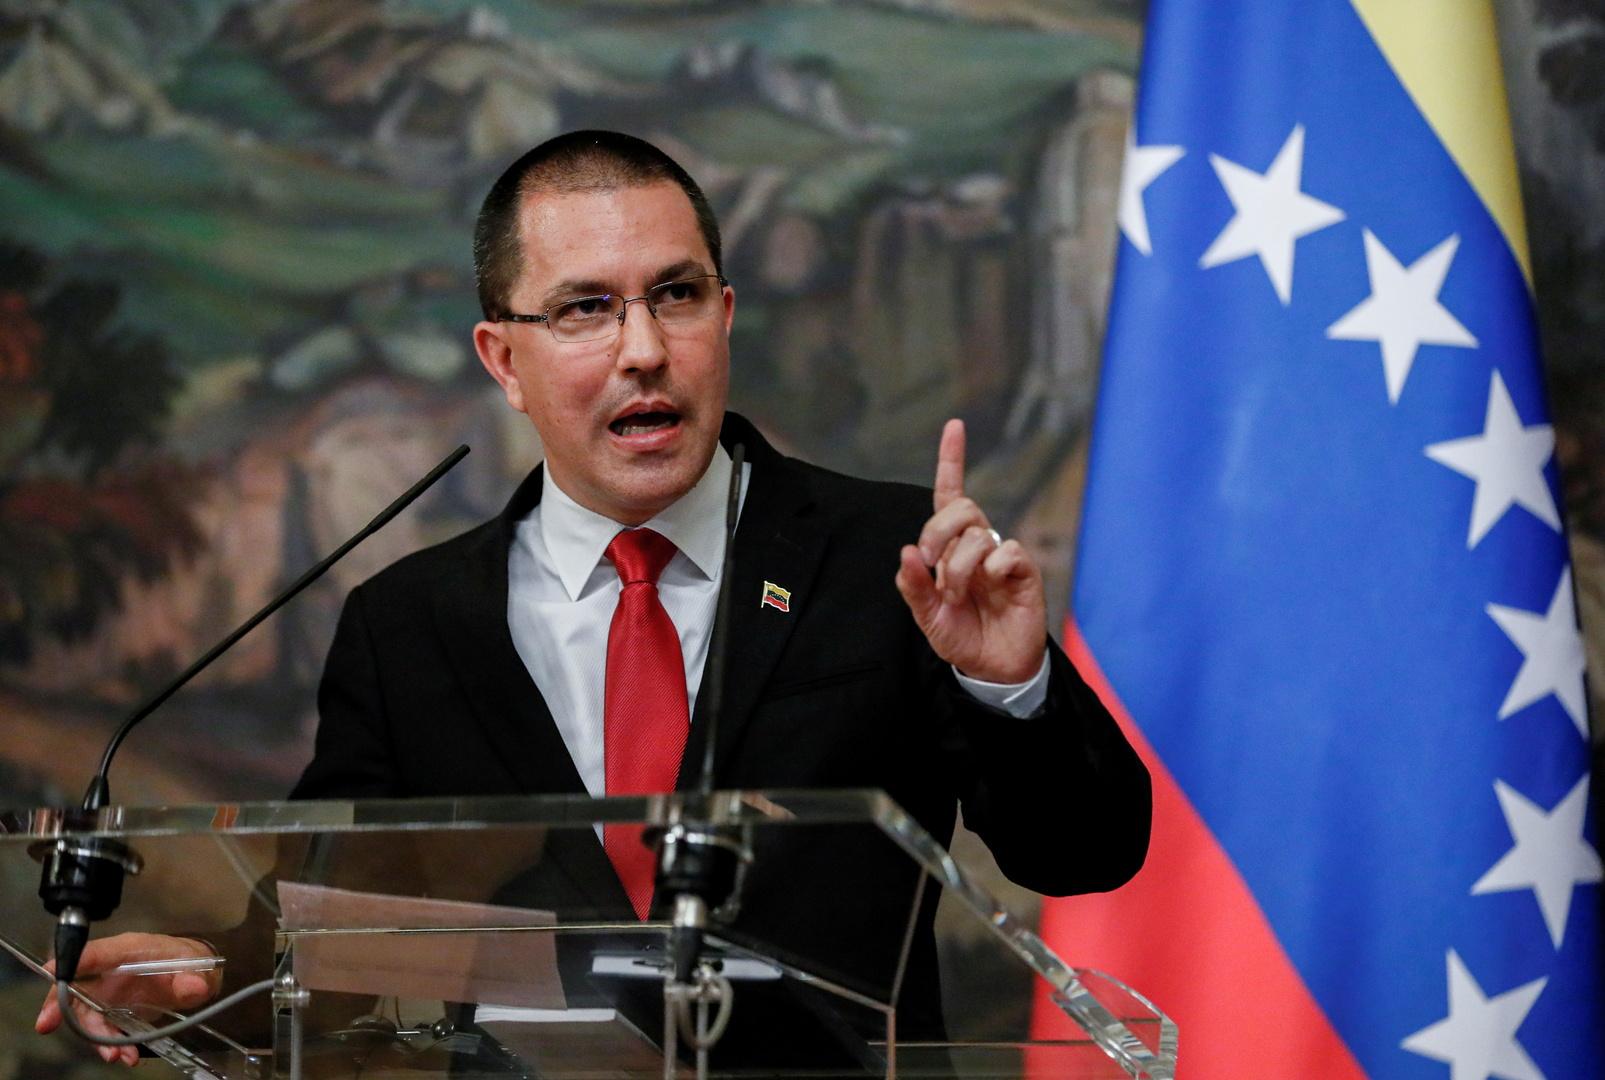 فنزويلا ترد على رئيس كولومبيا: أنت على رأس دولة مخدرات تصدر العنف